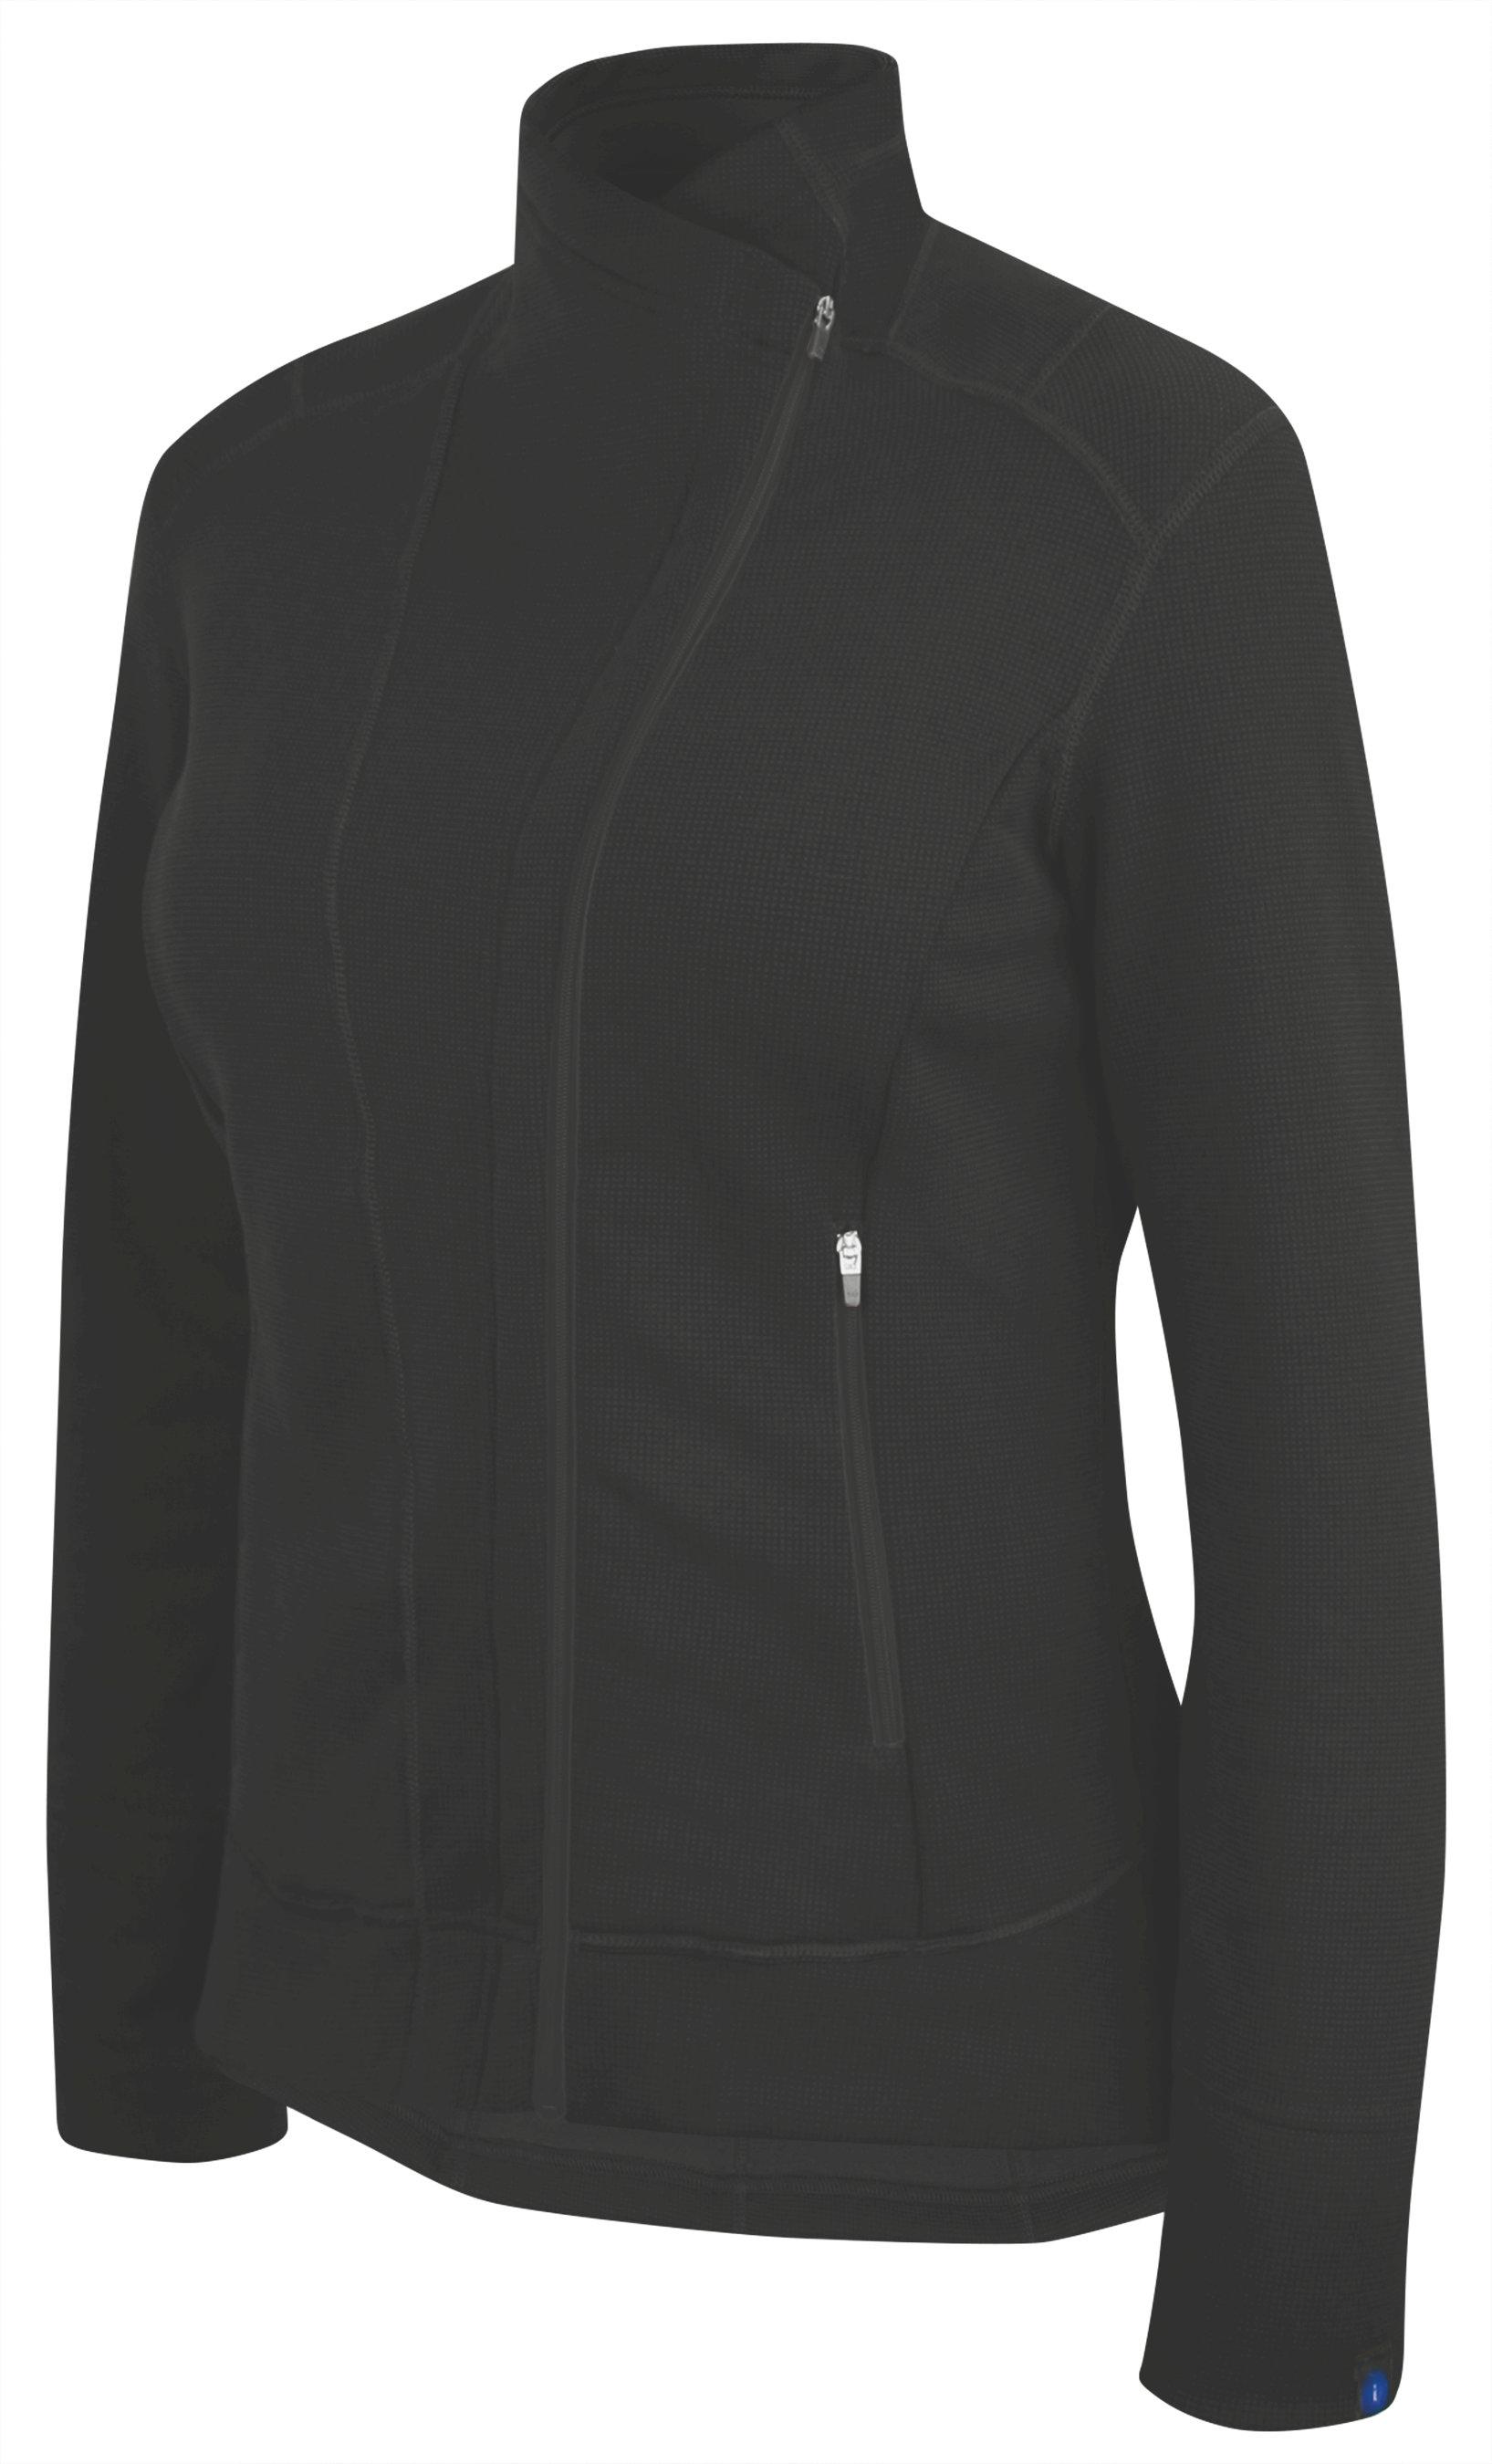 Irideon Wind Pro Jacket